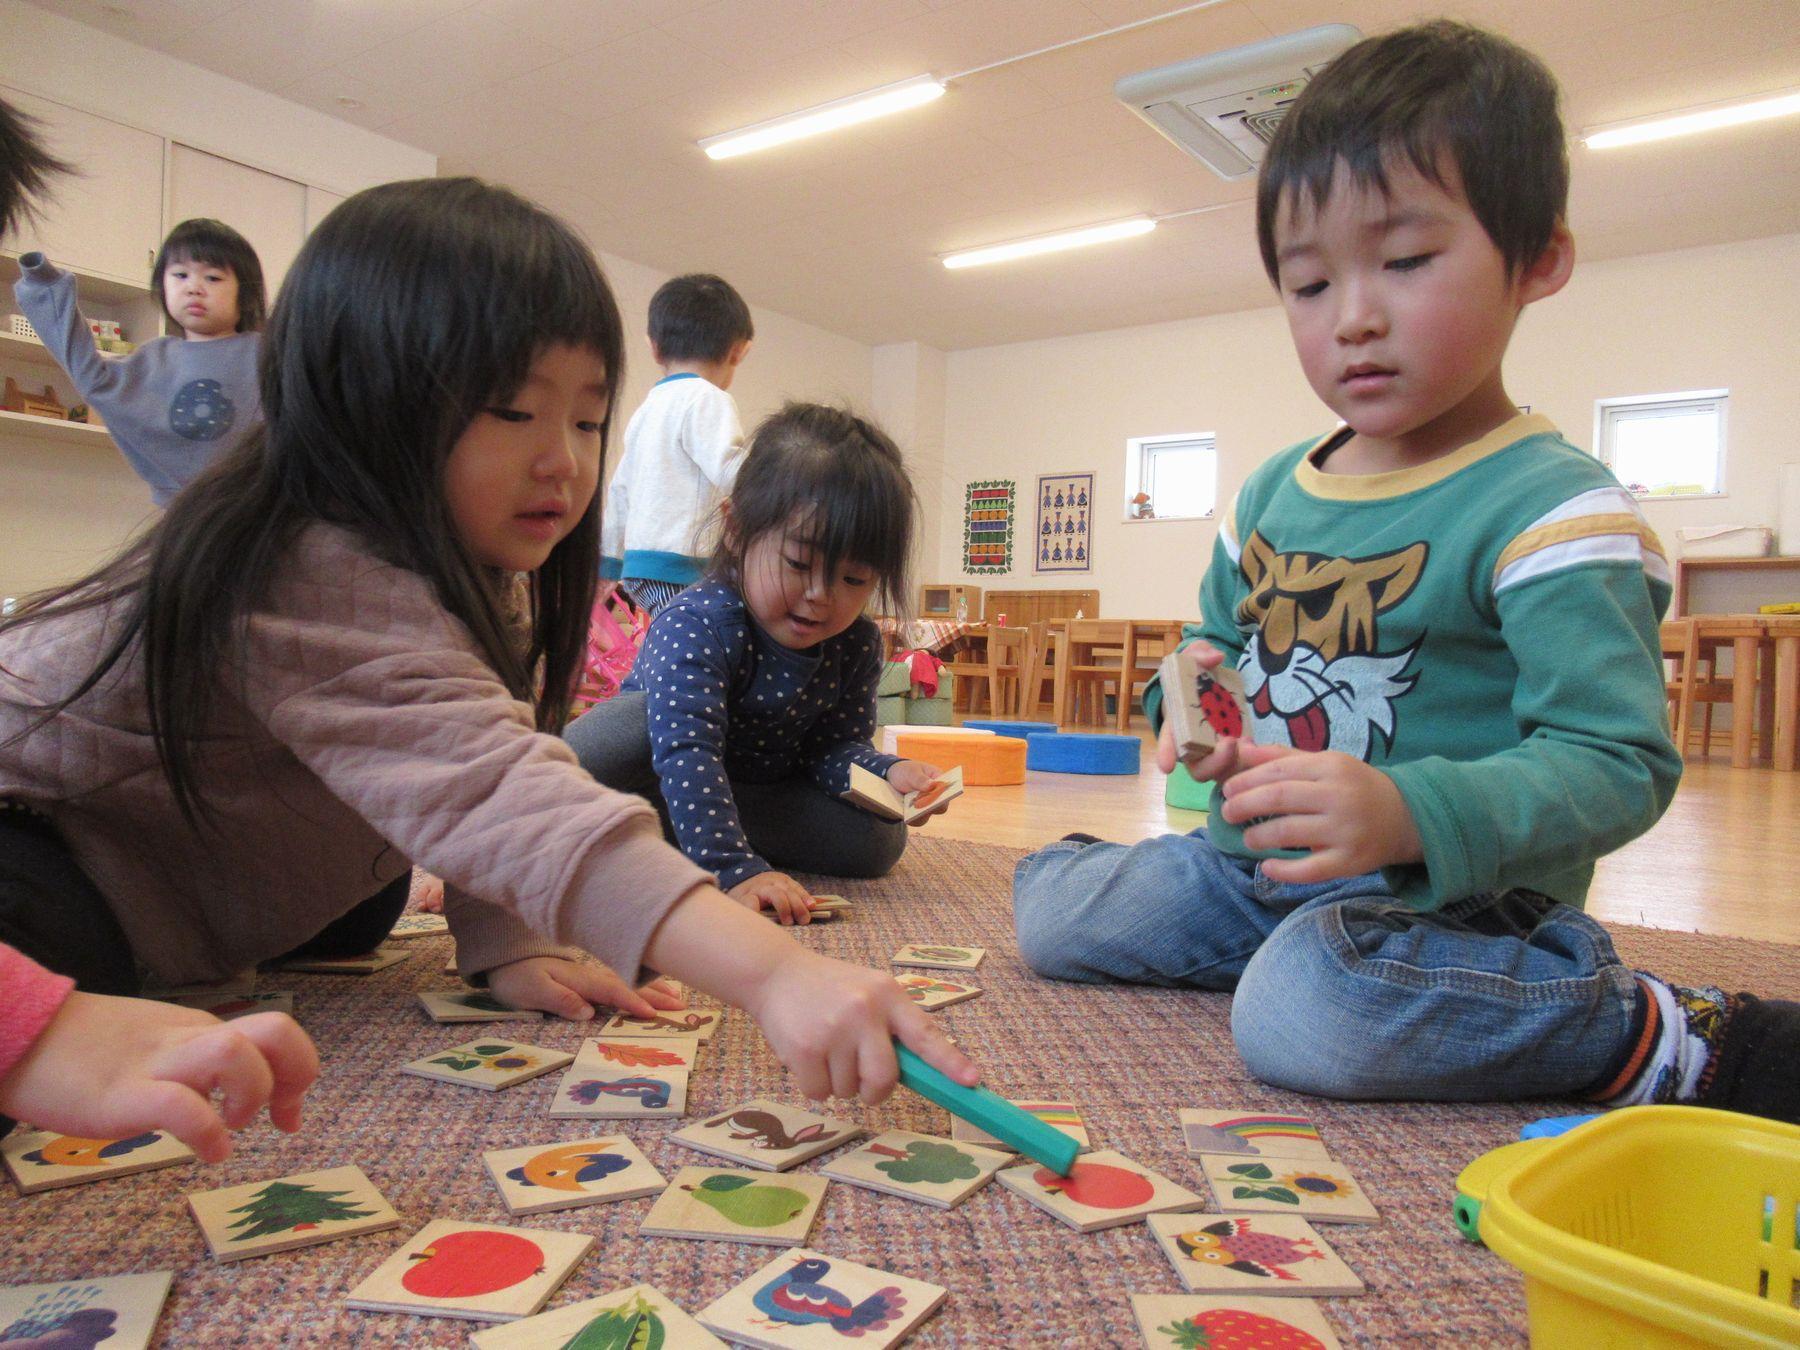 ゲーム 2 歳児 室内 遊び